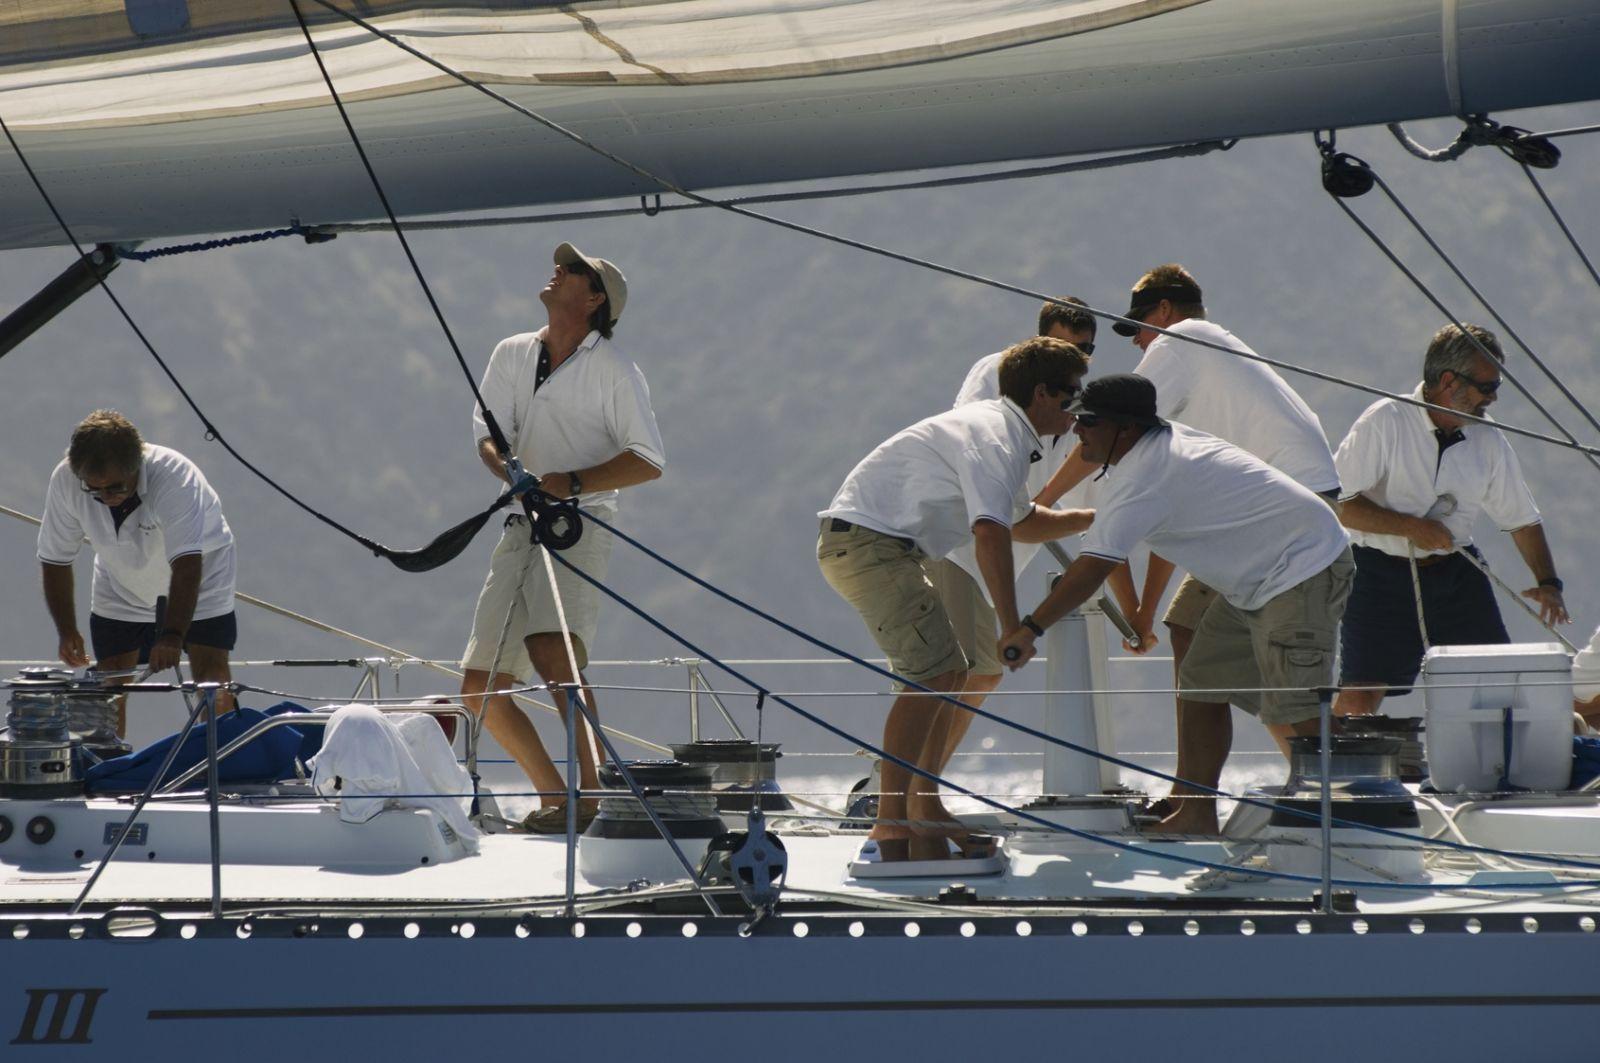 Vielleicht im nächsten Jahr in einem Workshop dazulernen? Wie wäre ein Regatta- oder Skippertraining? ©biker3/AdobeStock